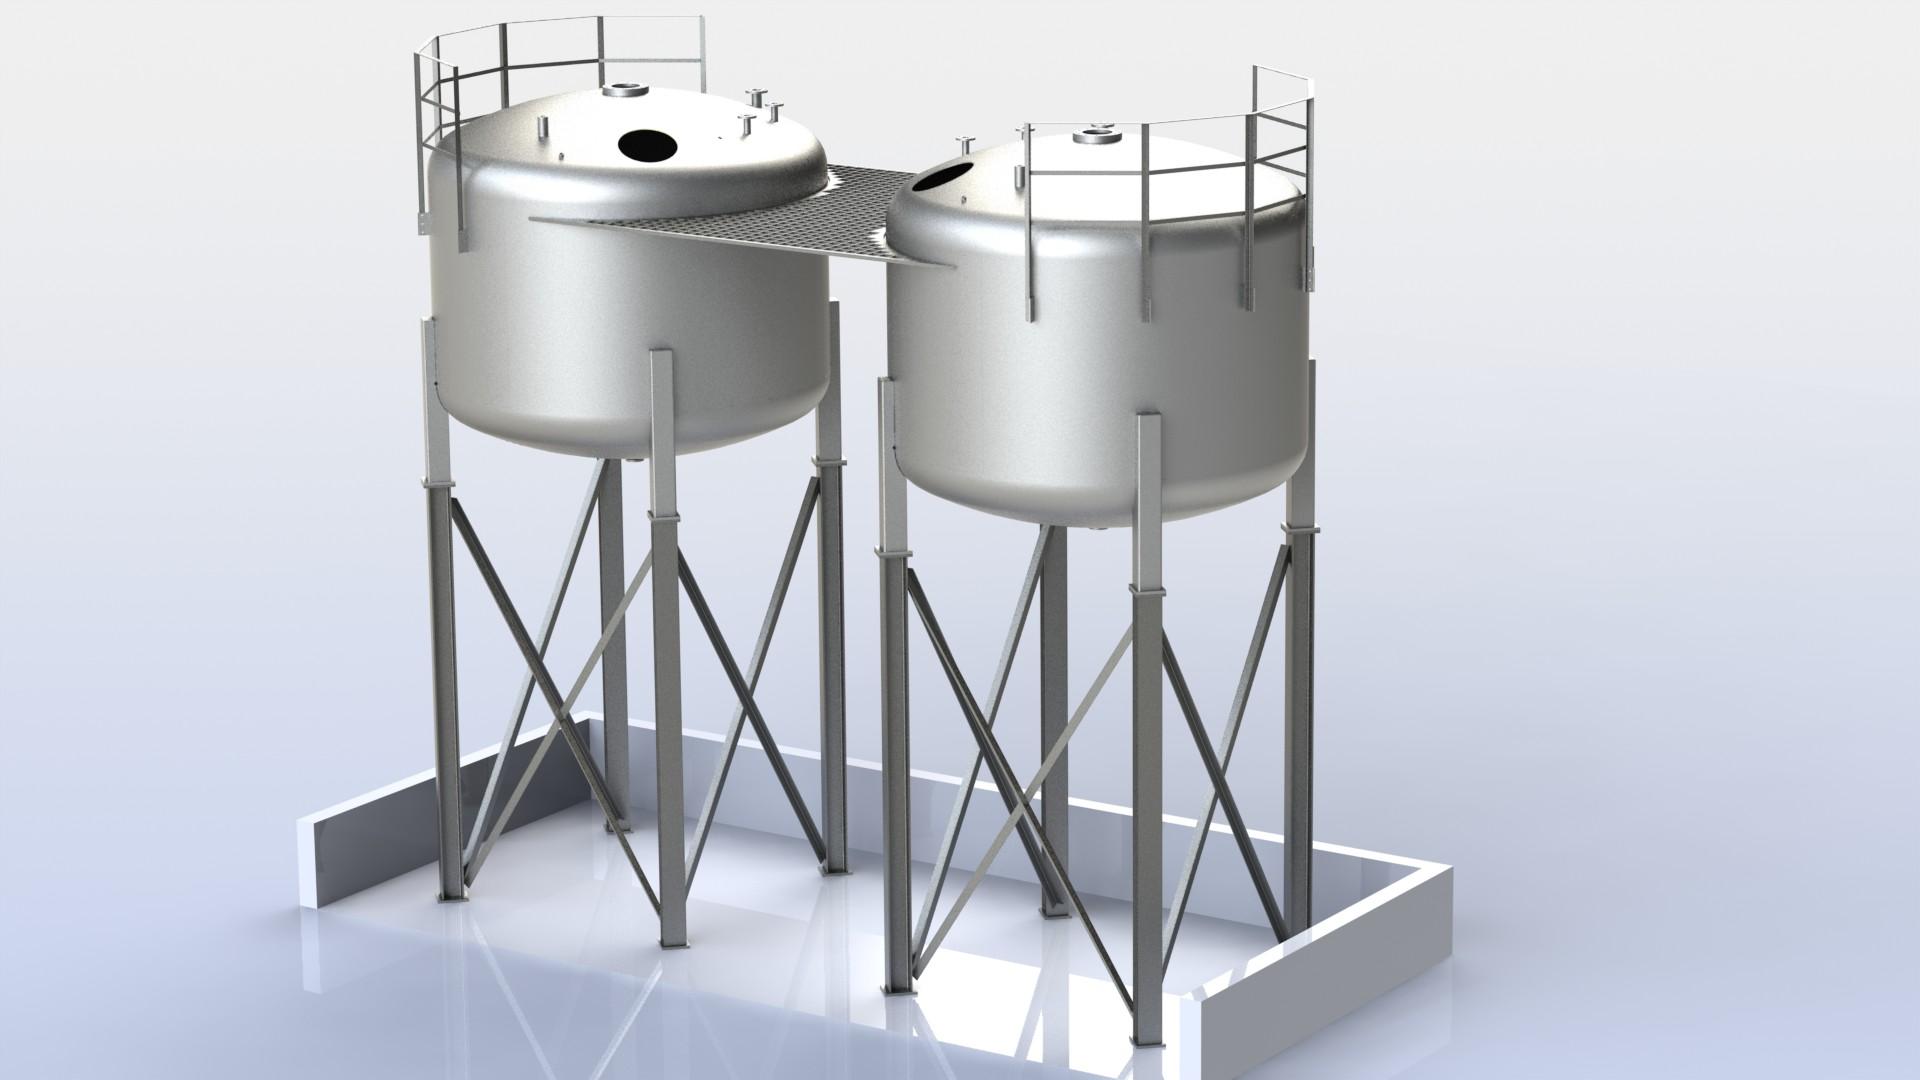 Schlichtebehälter 25,5m² A01 V01